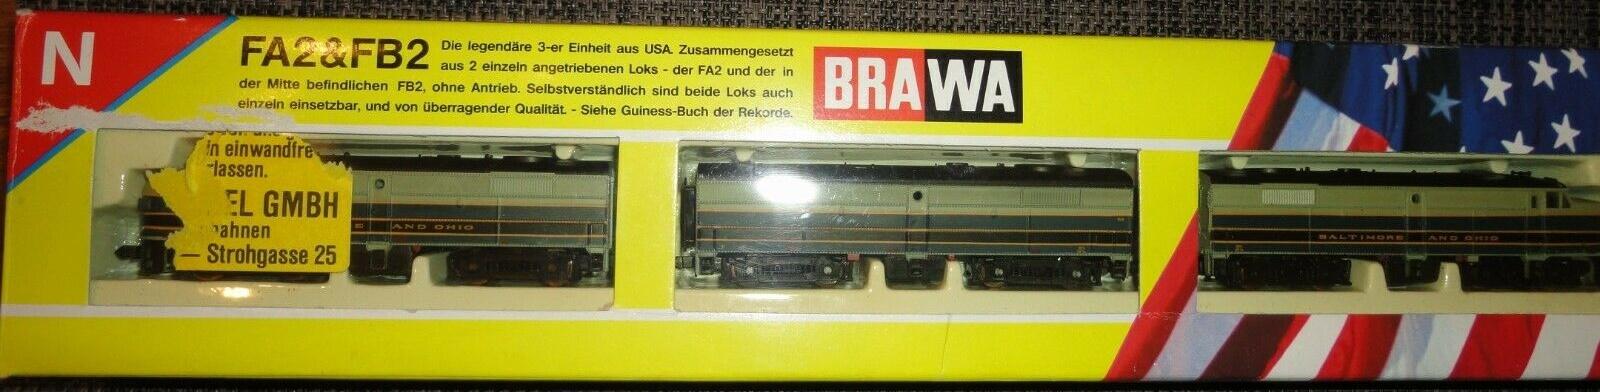 N Scale - Brawa - 1042 - Locomotive, Diesel, Alco FA/FB - Baltimore & Ohio - 837, 837a, 837b